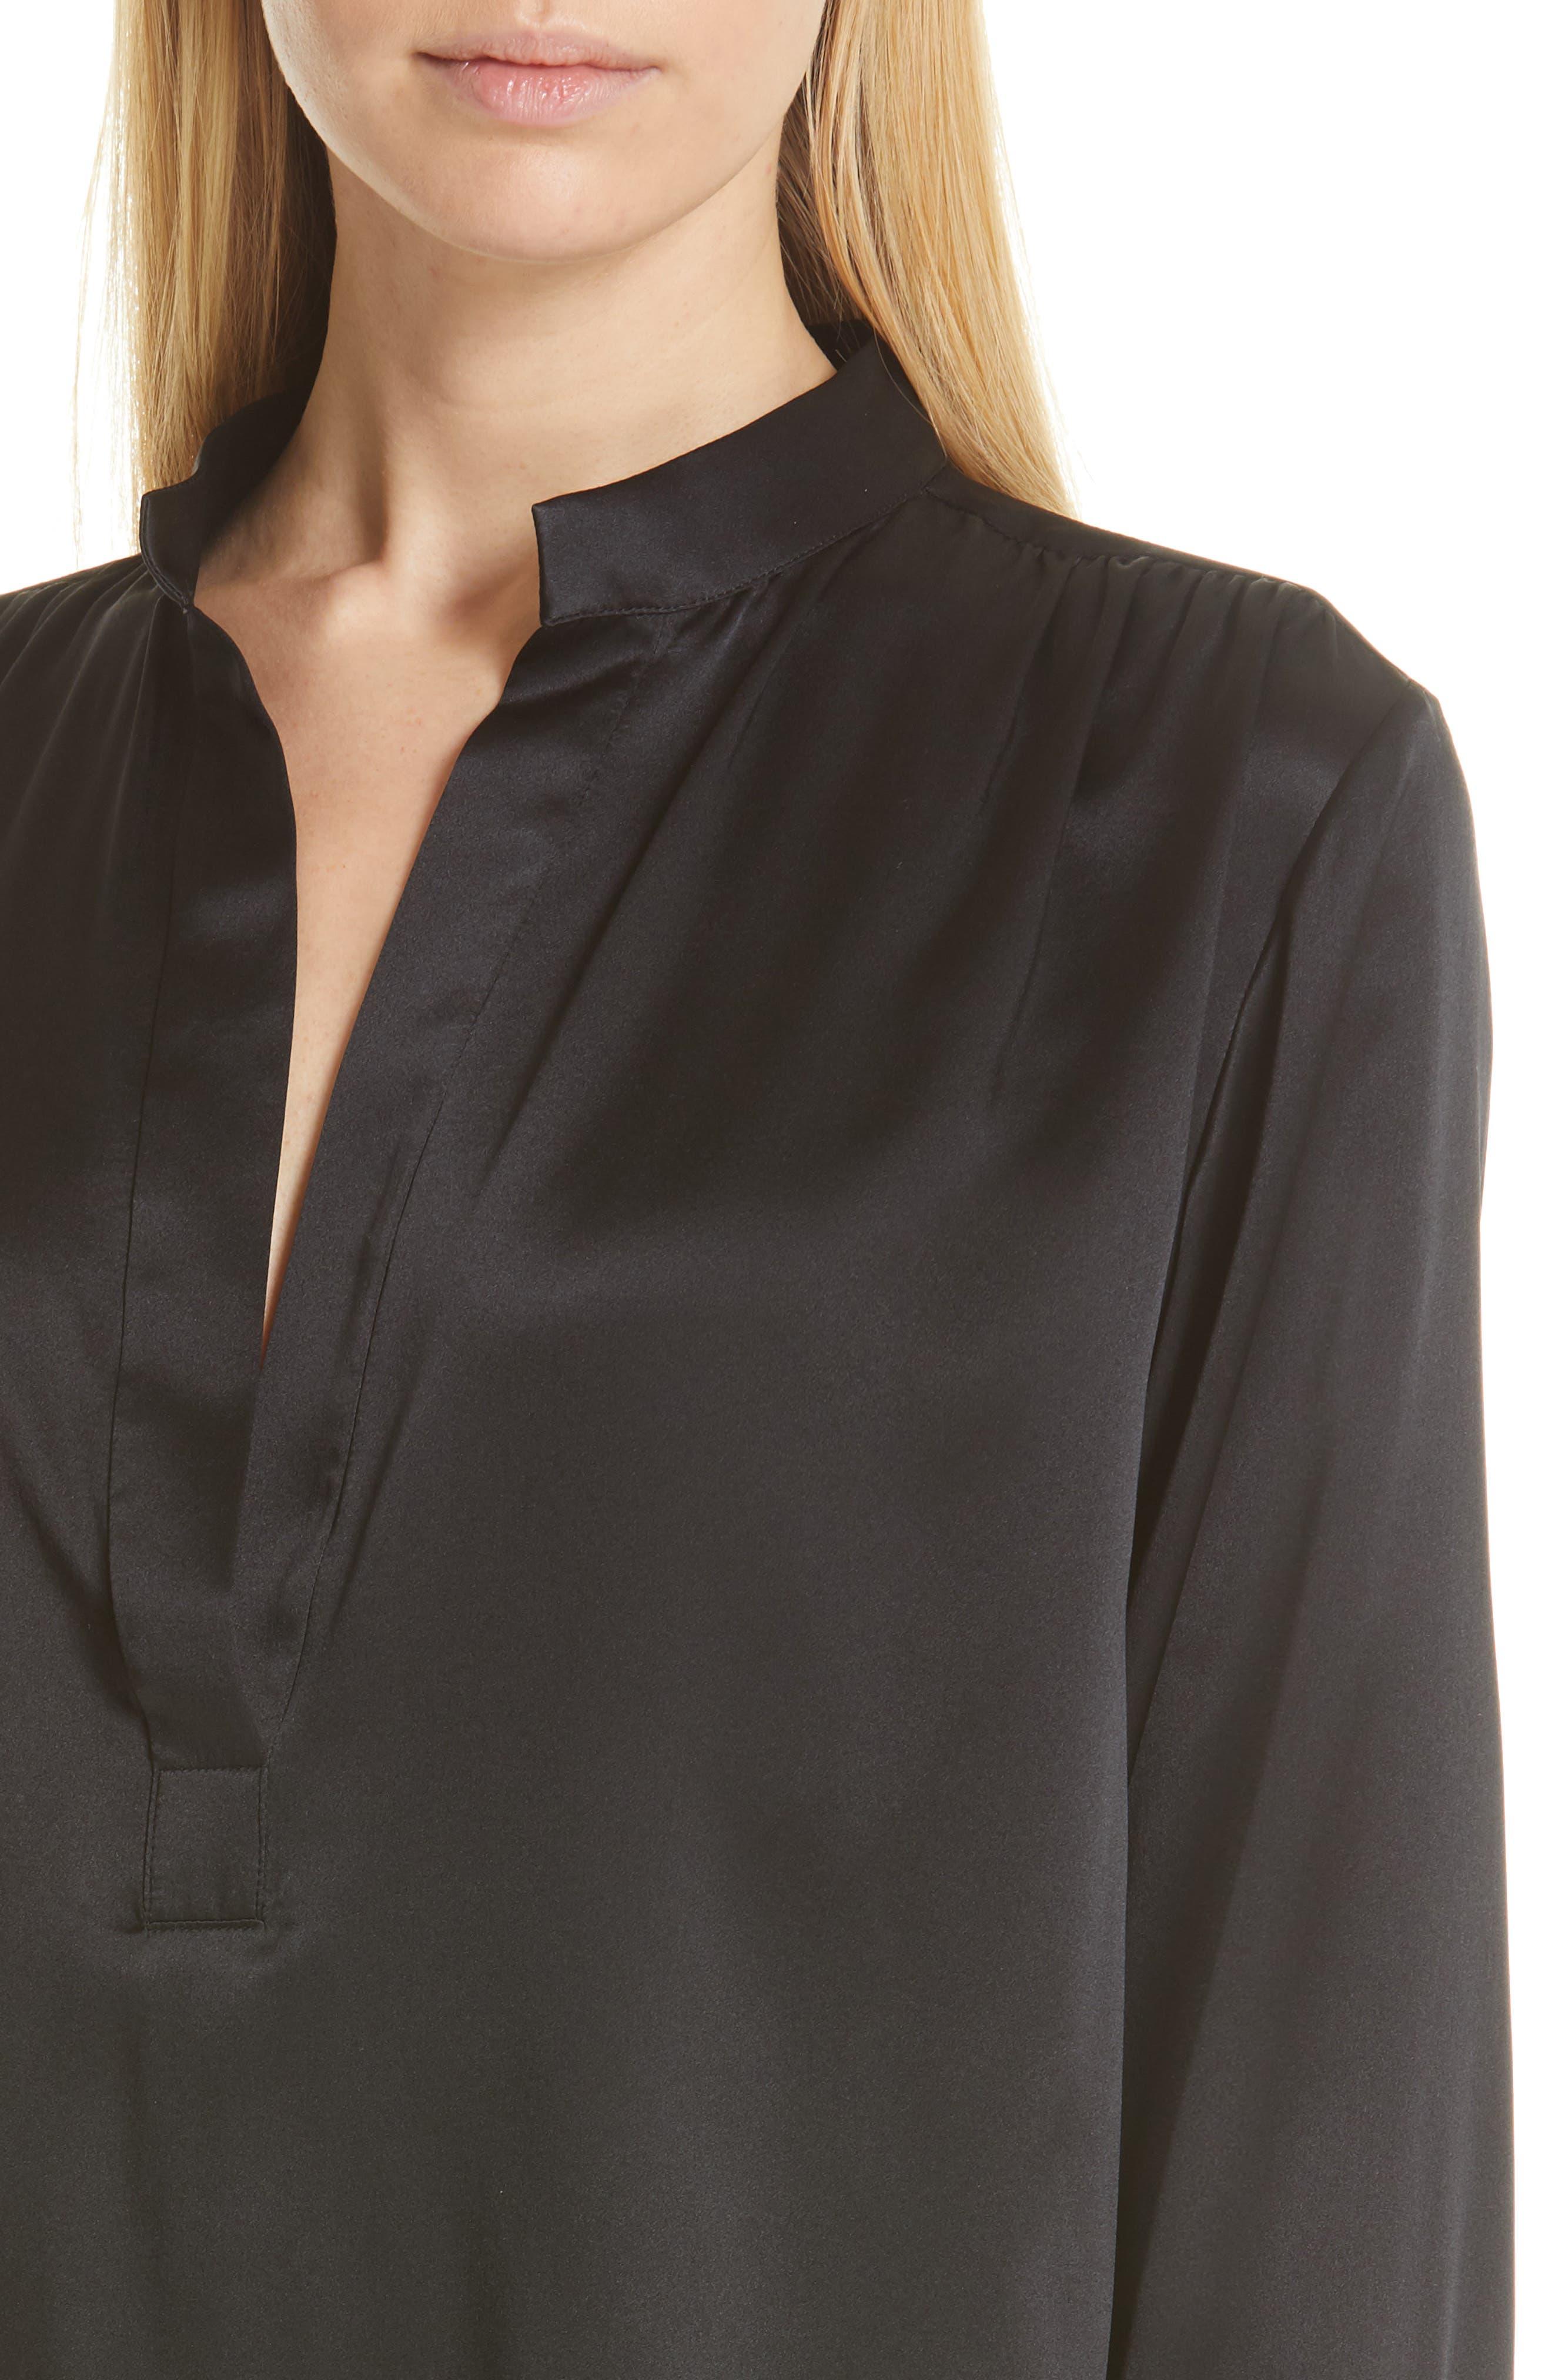 NILI LOTAN, Colette Silk Blouse, Alternate thumbnail 4, color, BLACK